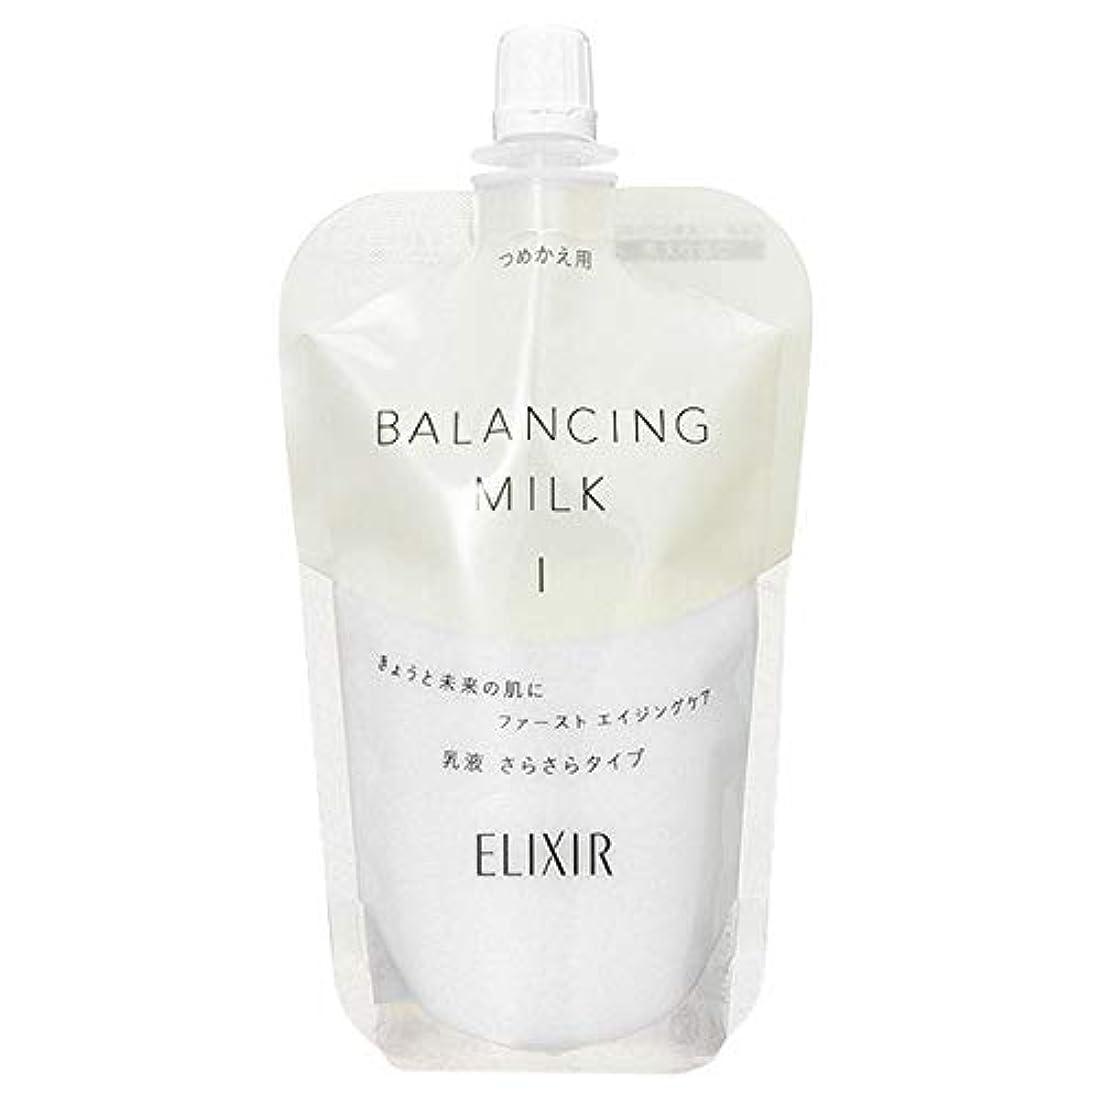 自発的退化する自発的シセイドウ 資生堂 エリクシール ルフレ バランシング ミルク (つめかえ用) 110mL II とろとろタイプ (在庫) [並行輸入品]